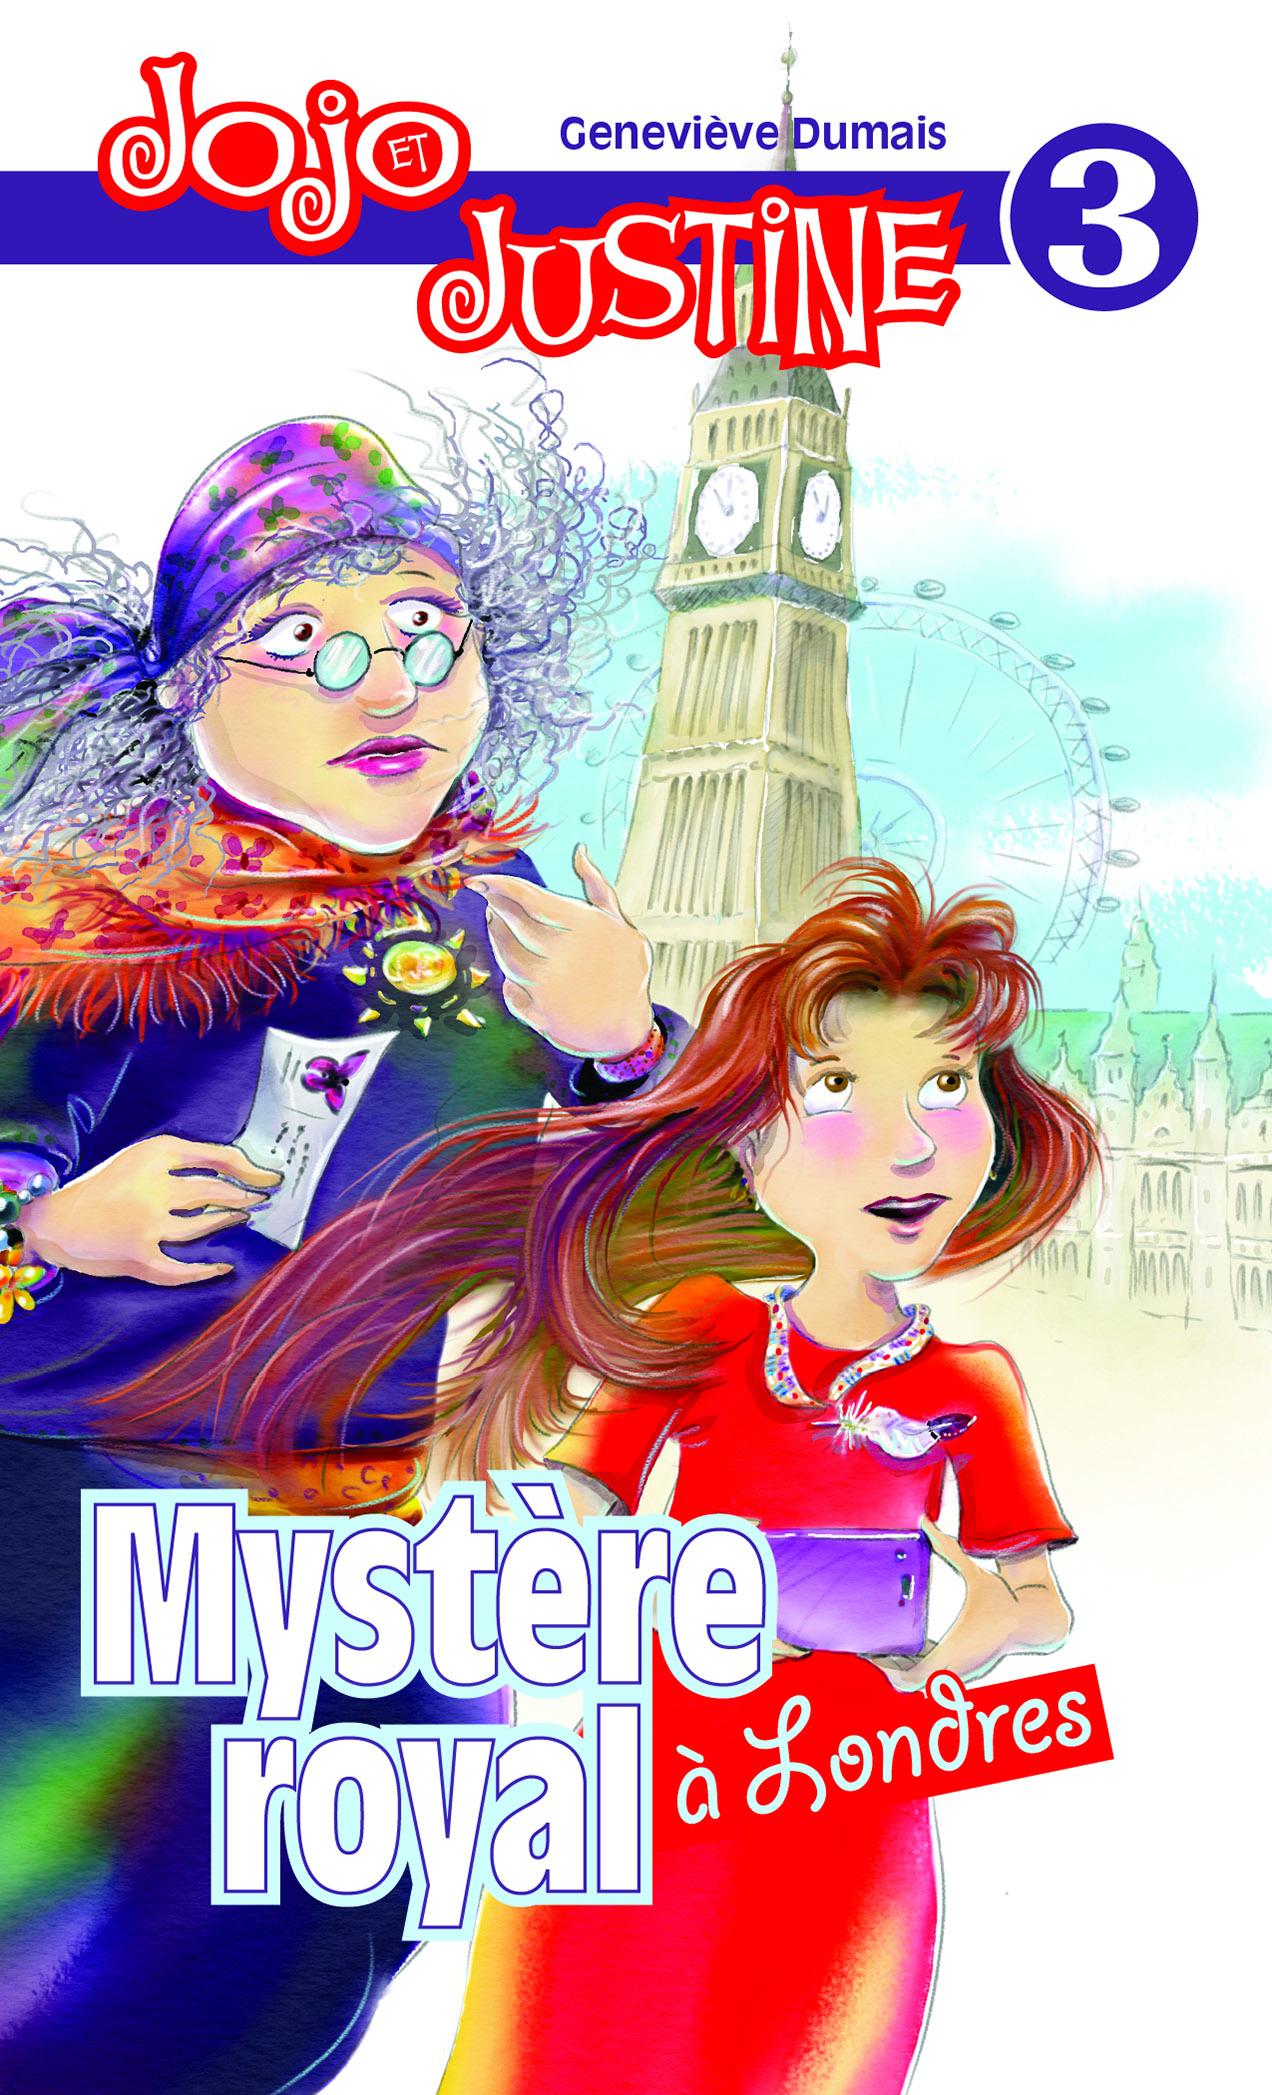 Mystère royal à Londres